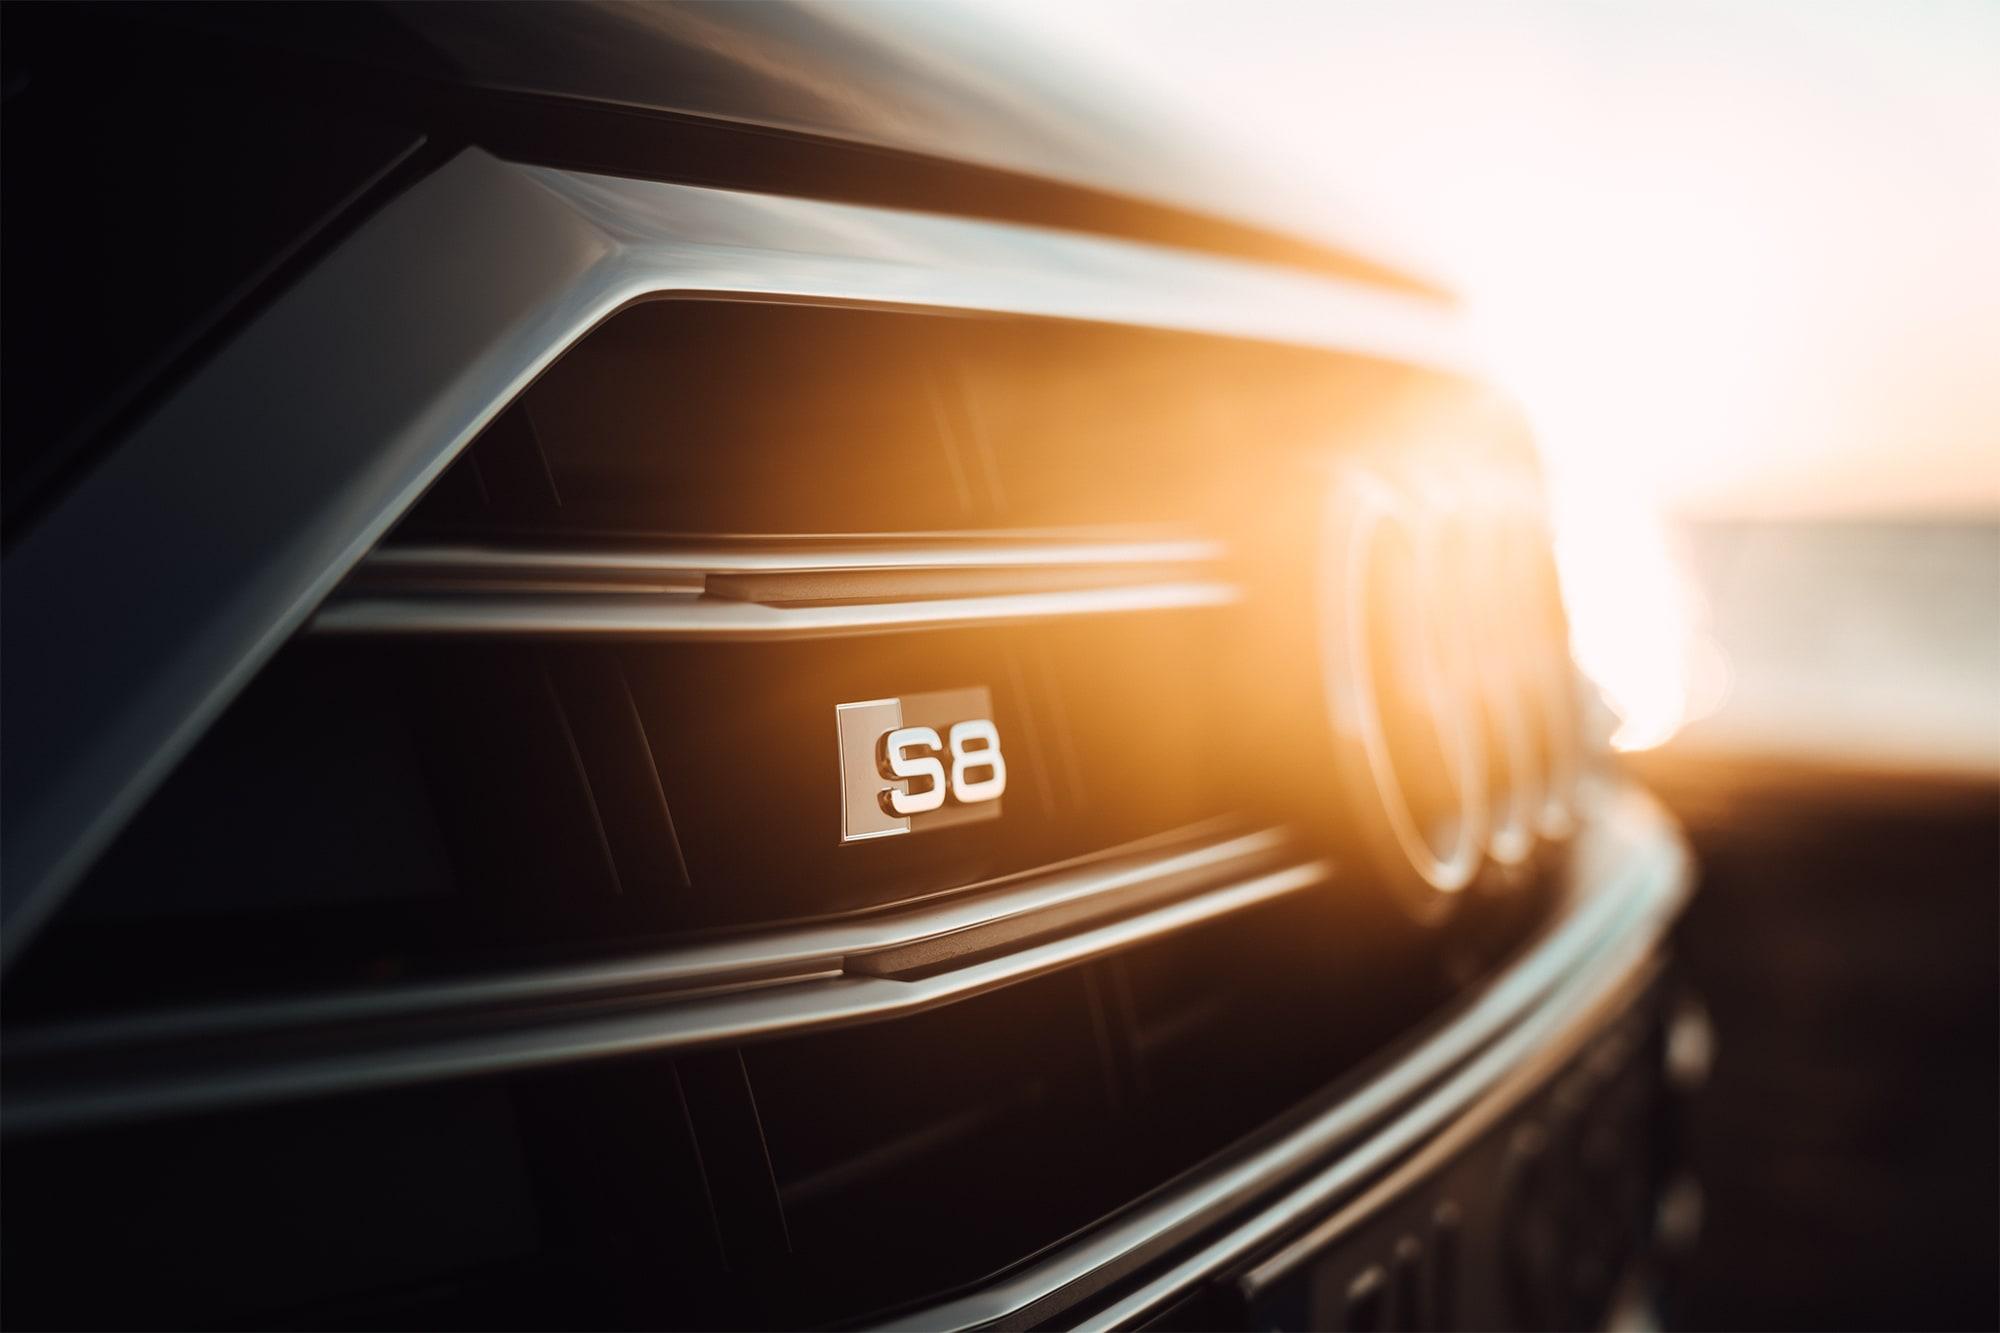 Der neue Audi S8: Komfort und Leistung auf die Spitze getrieben 8